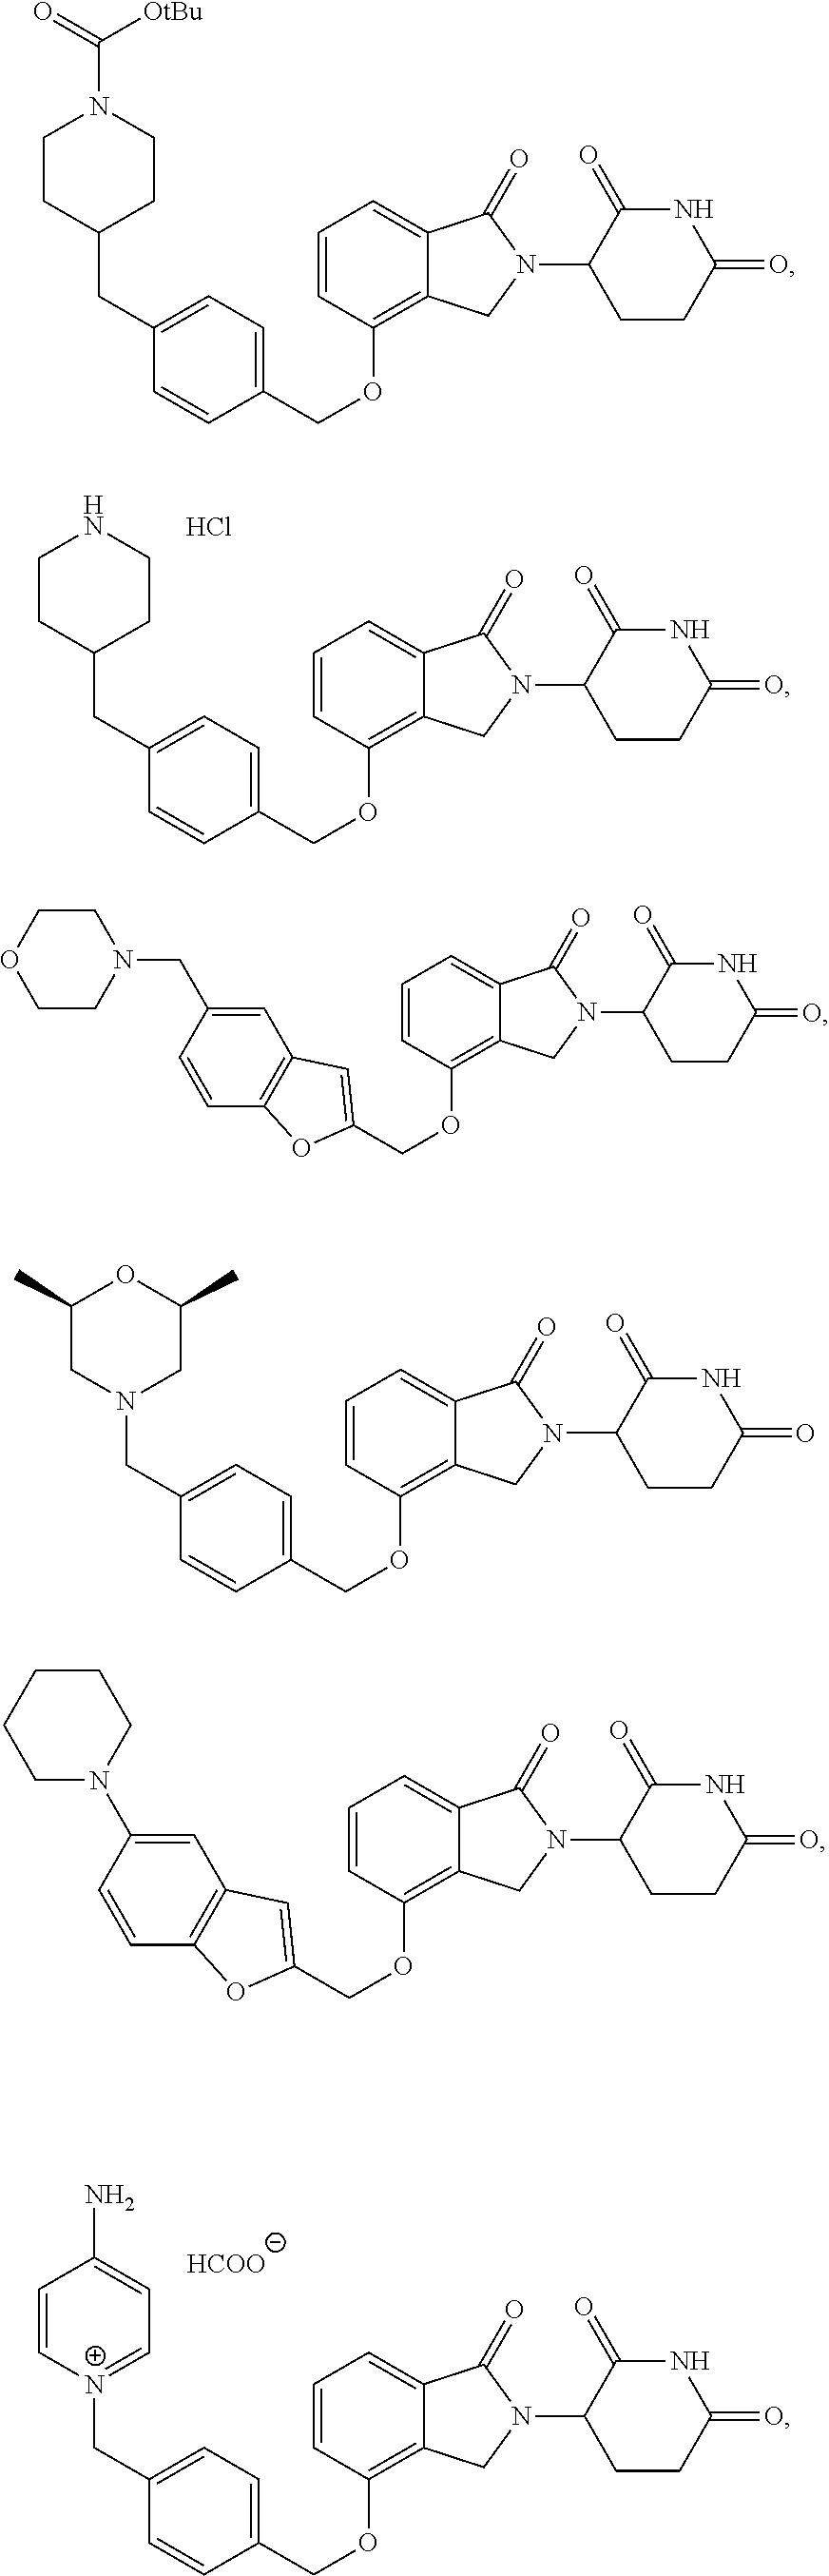 Figure US09587281-20170307-C00046